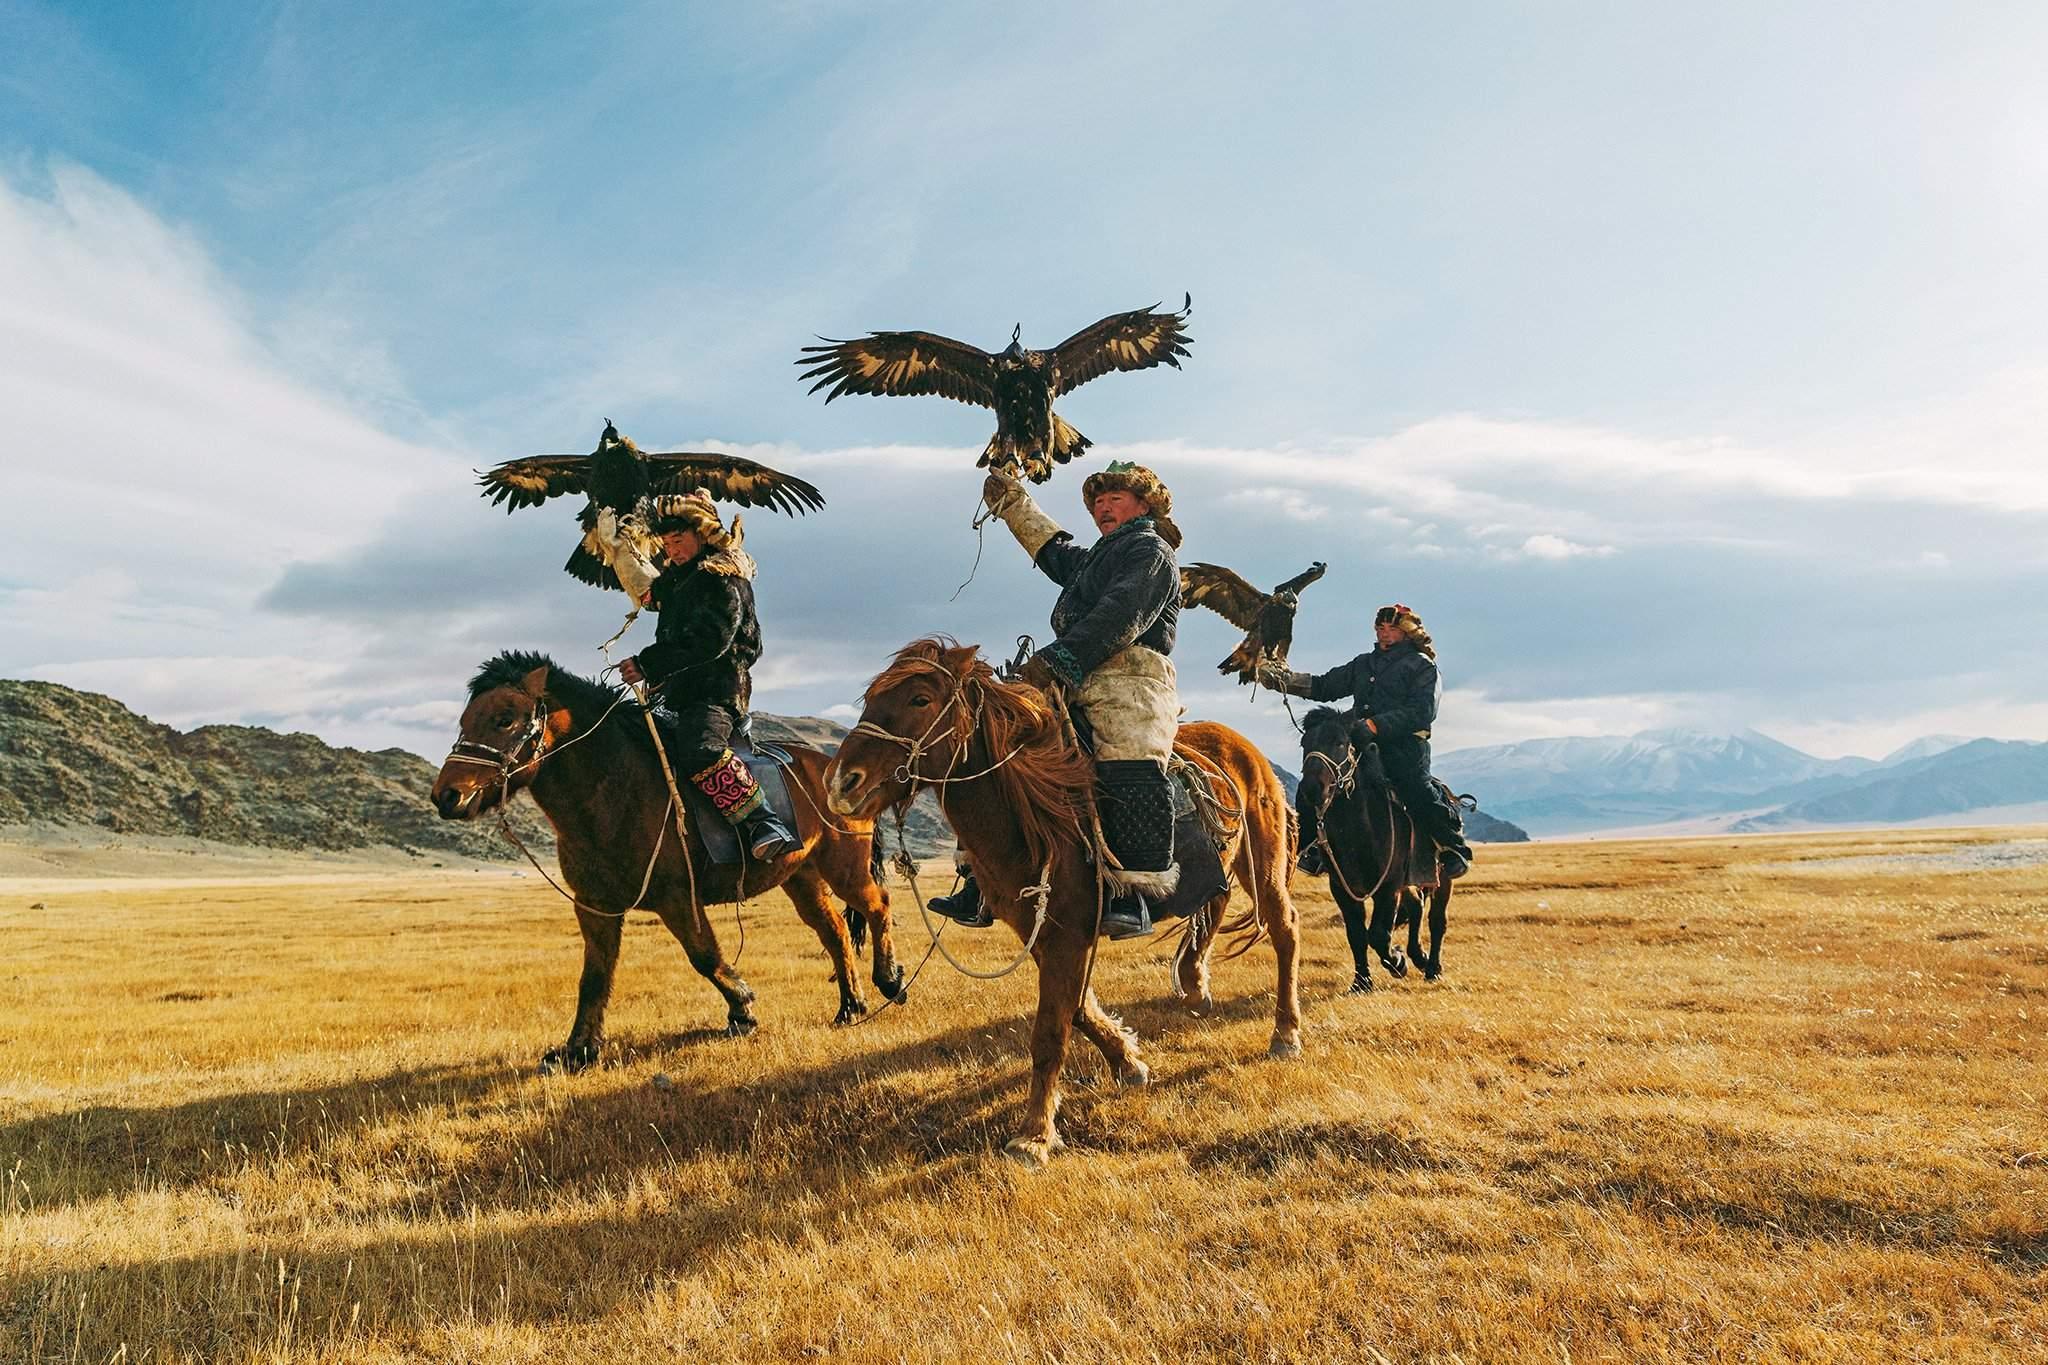 Монгол улс маш өргөн уудам нутагтай. Энд нэг хүнд 10 морь оногддог.